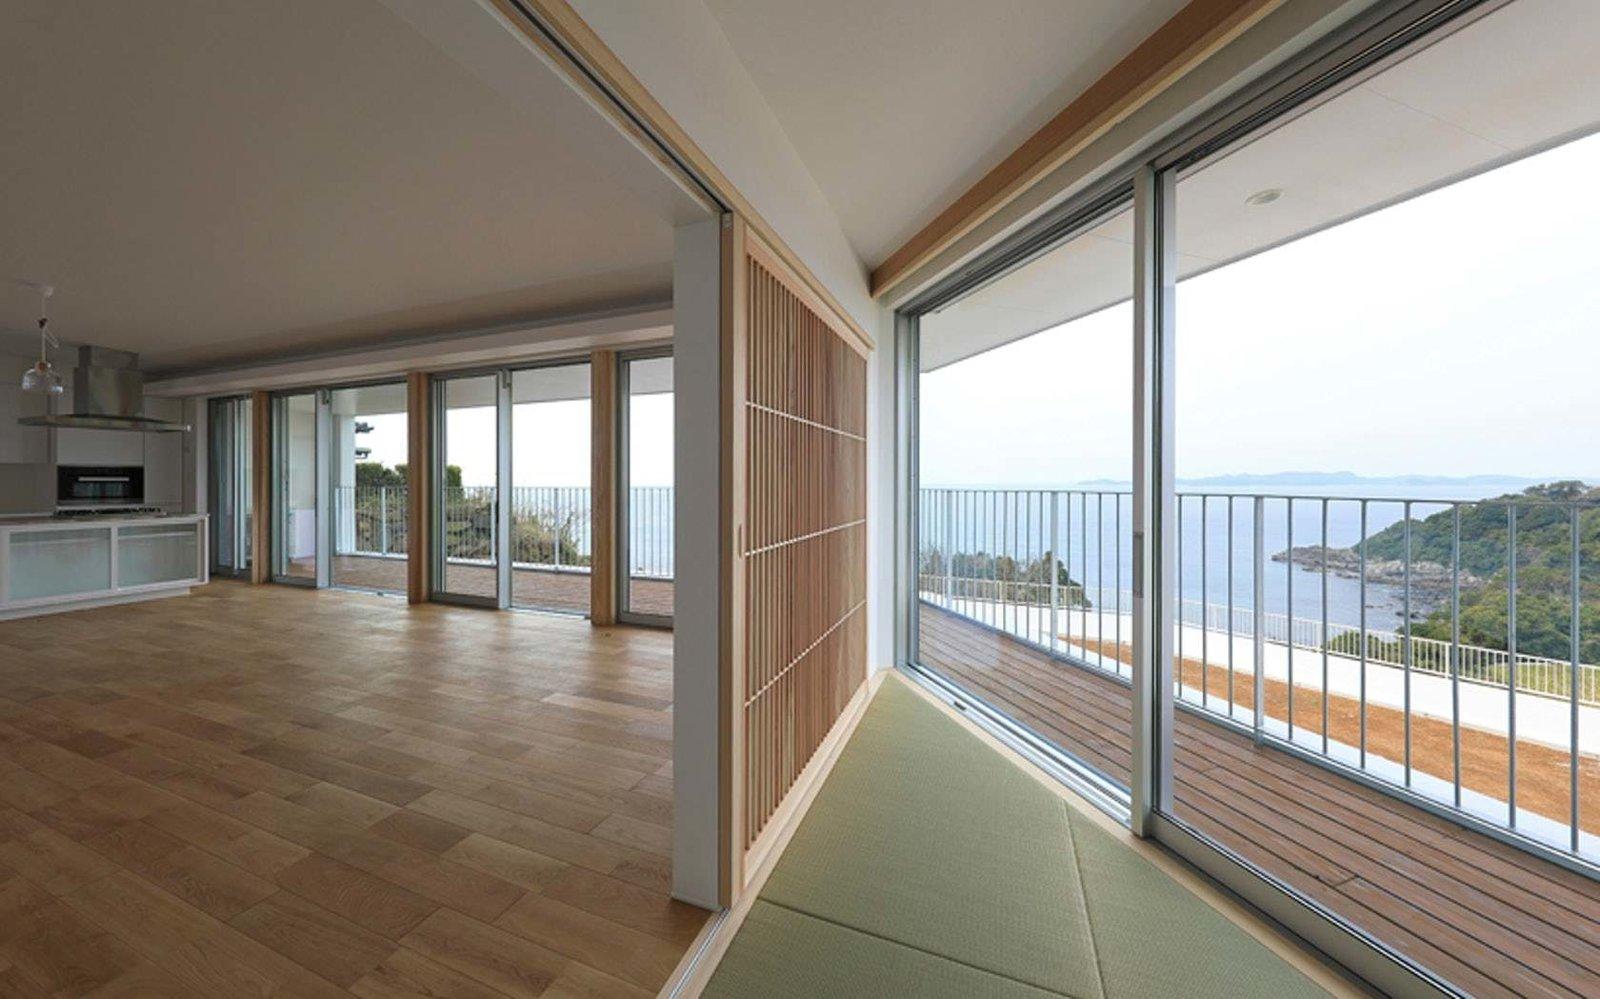 House in Nagashima